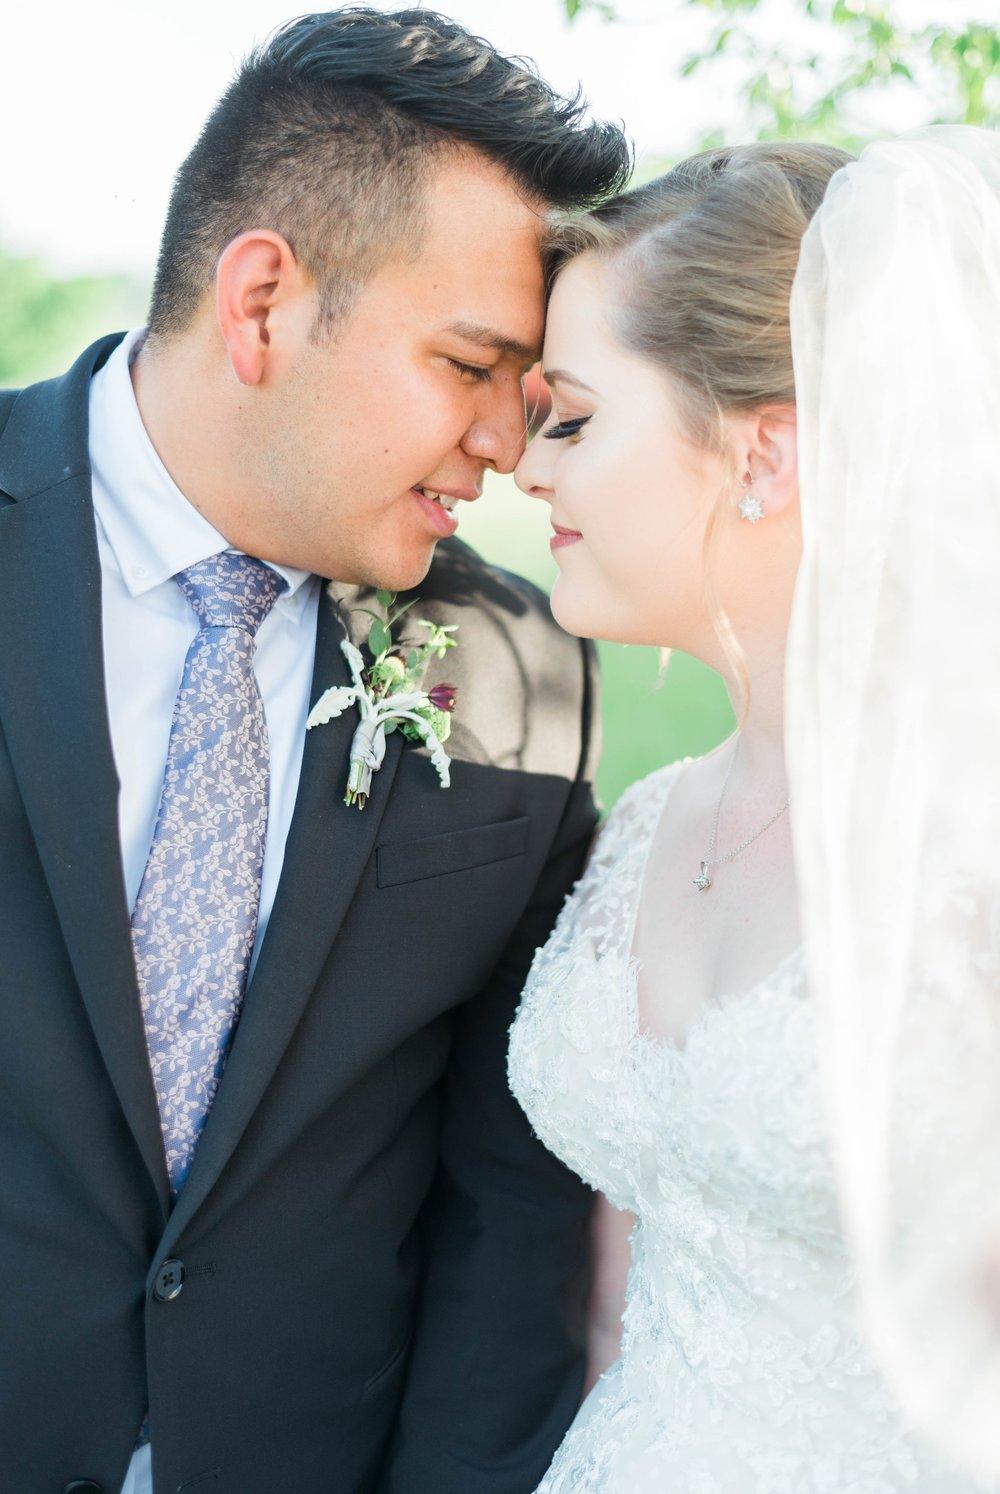 Jillian+Abi_OakridgeEstate_Wedding_VirginiaWeddingPhotographer_SpringWedding 28.jpg